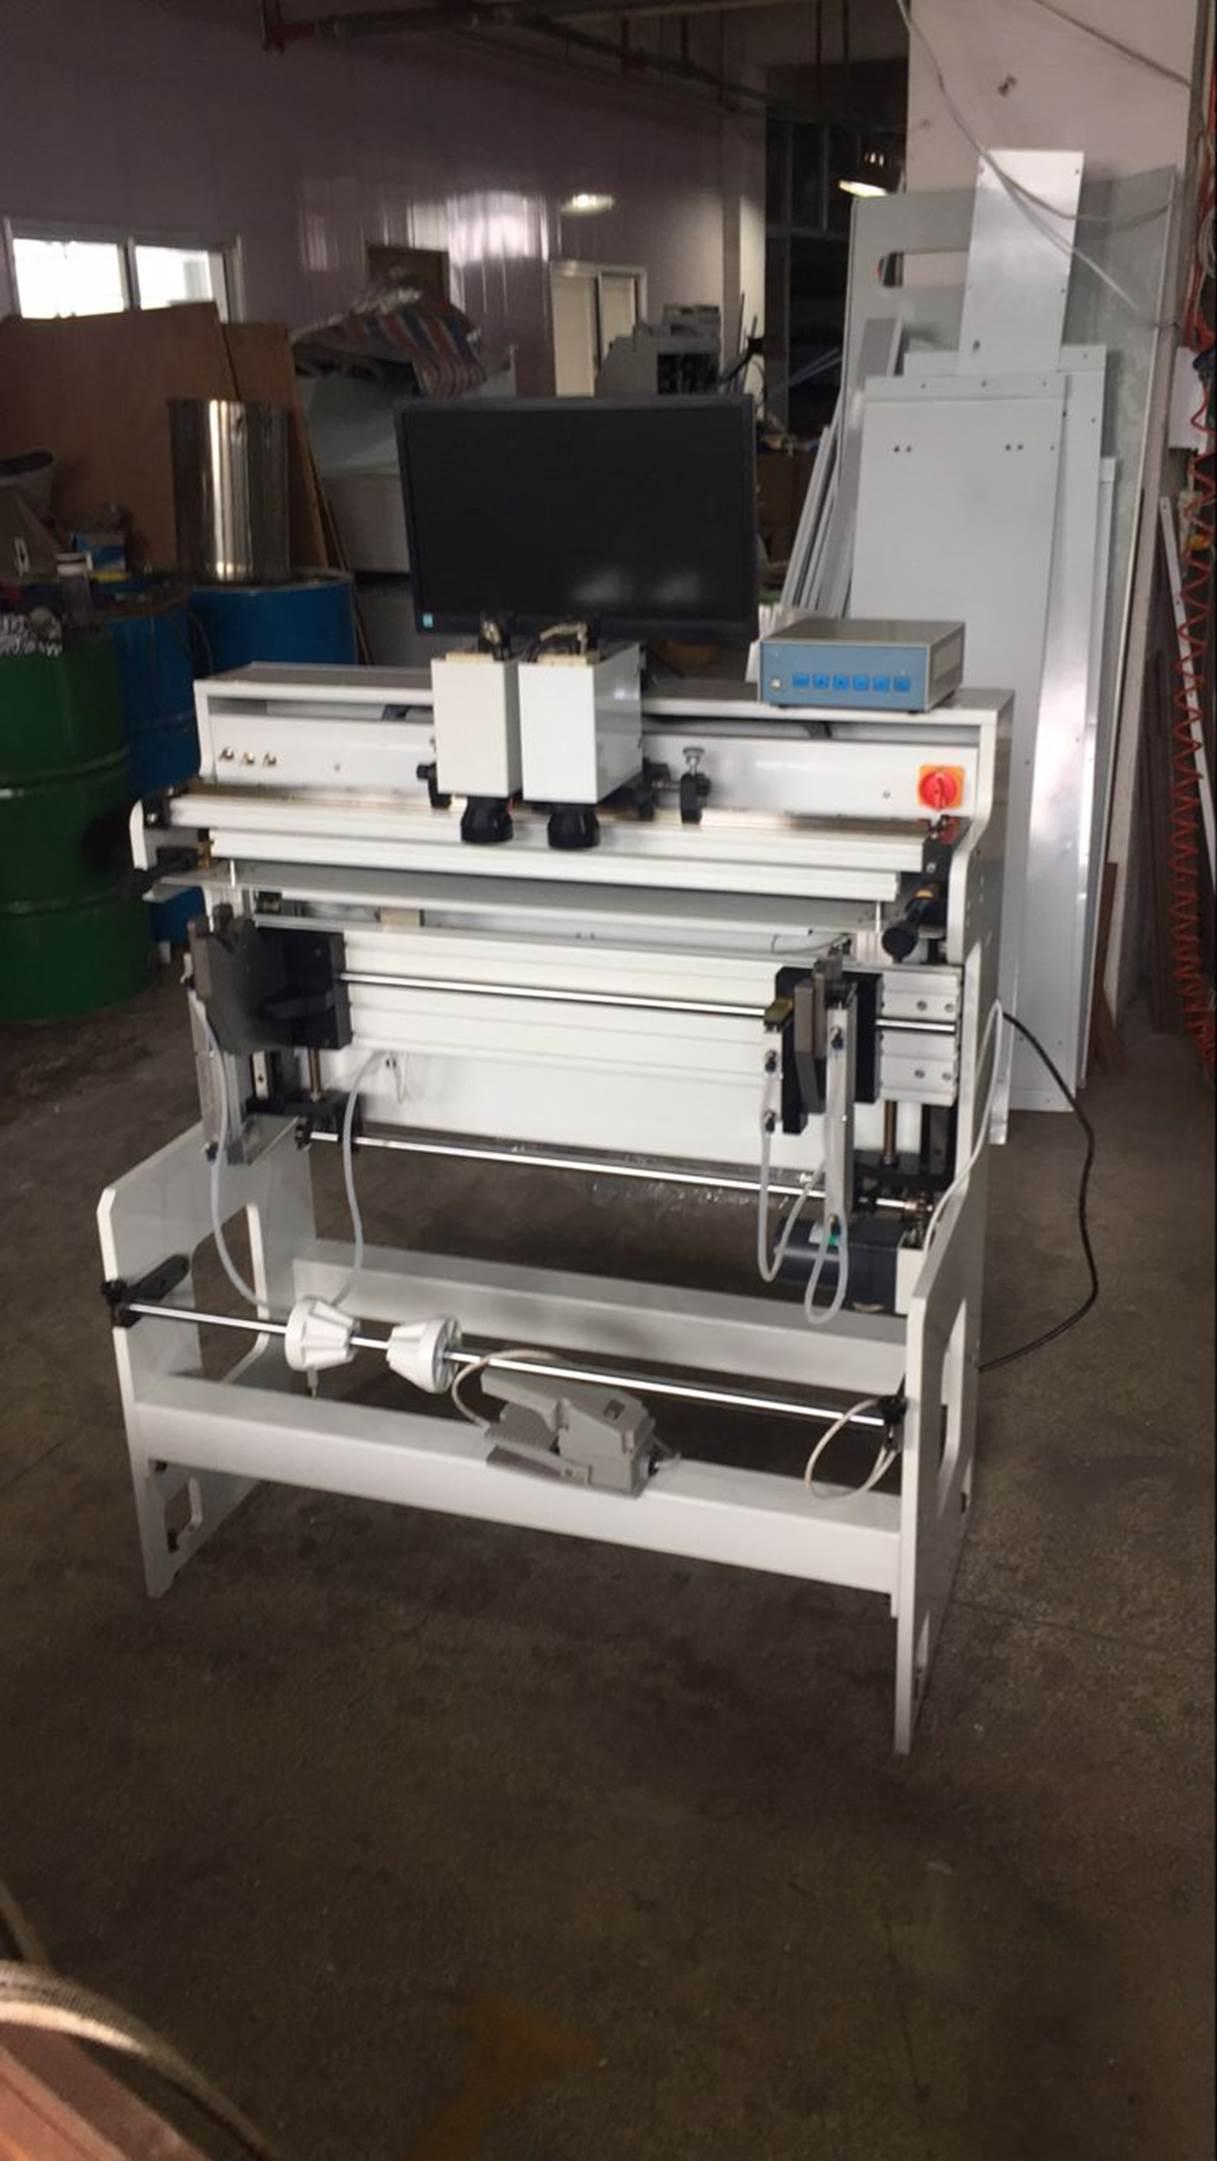 Подробные фотографии системы наклейки флексографских форм SM-450  для наклейки форм на формные цилиндры итальянской печатной машины. Фото 2.